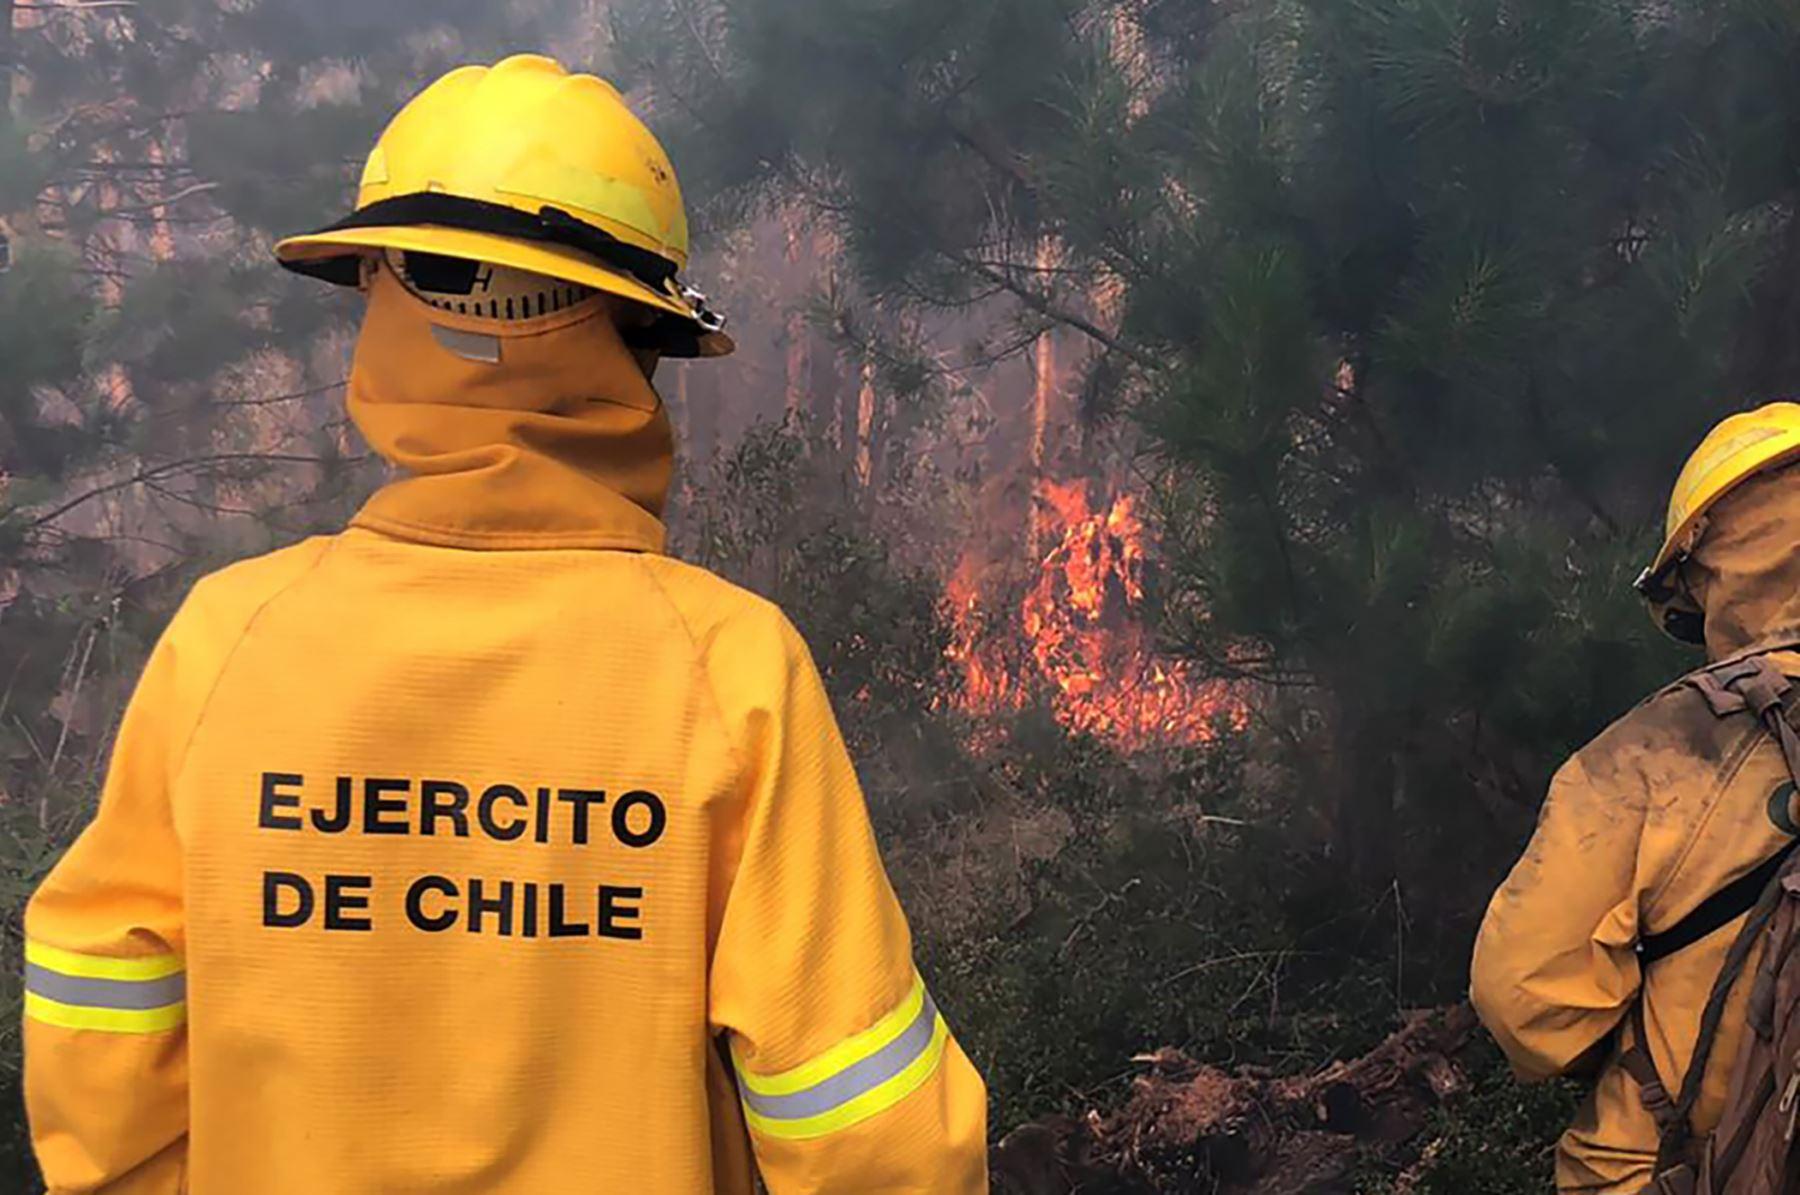 Soldados combatiendo incendios forestales alrededor de Carahue en la Región de la Araucanía Foto: EFE